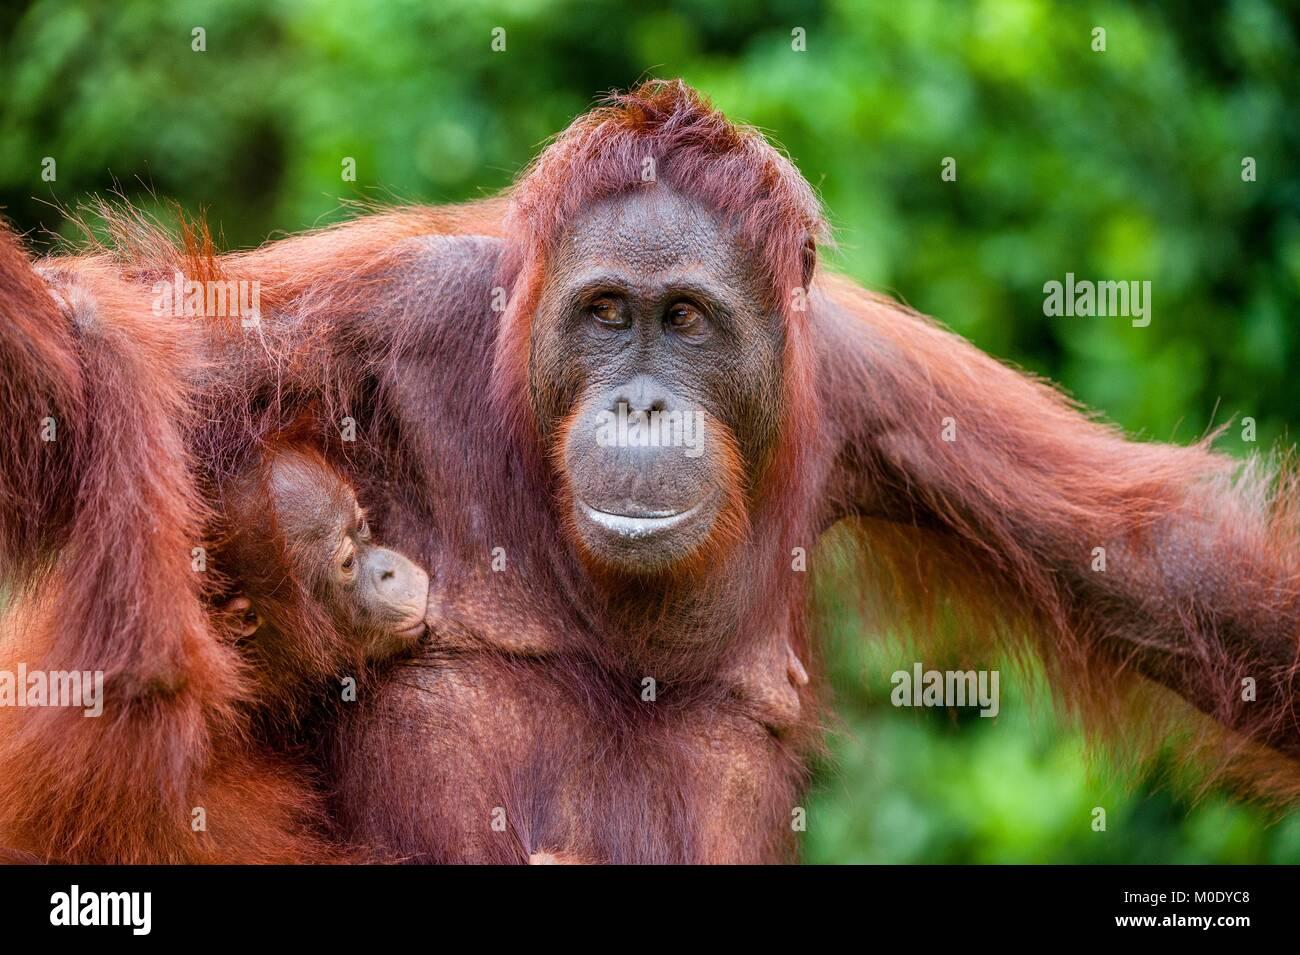 Orang-outan donner du lait à son bébé. Mère et de l'orang-outan cub dans un habitat naturel. L'orang-outan de Bornéo Banque D'Images